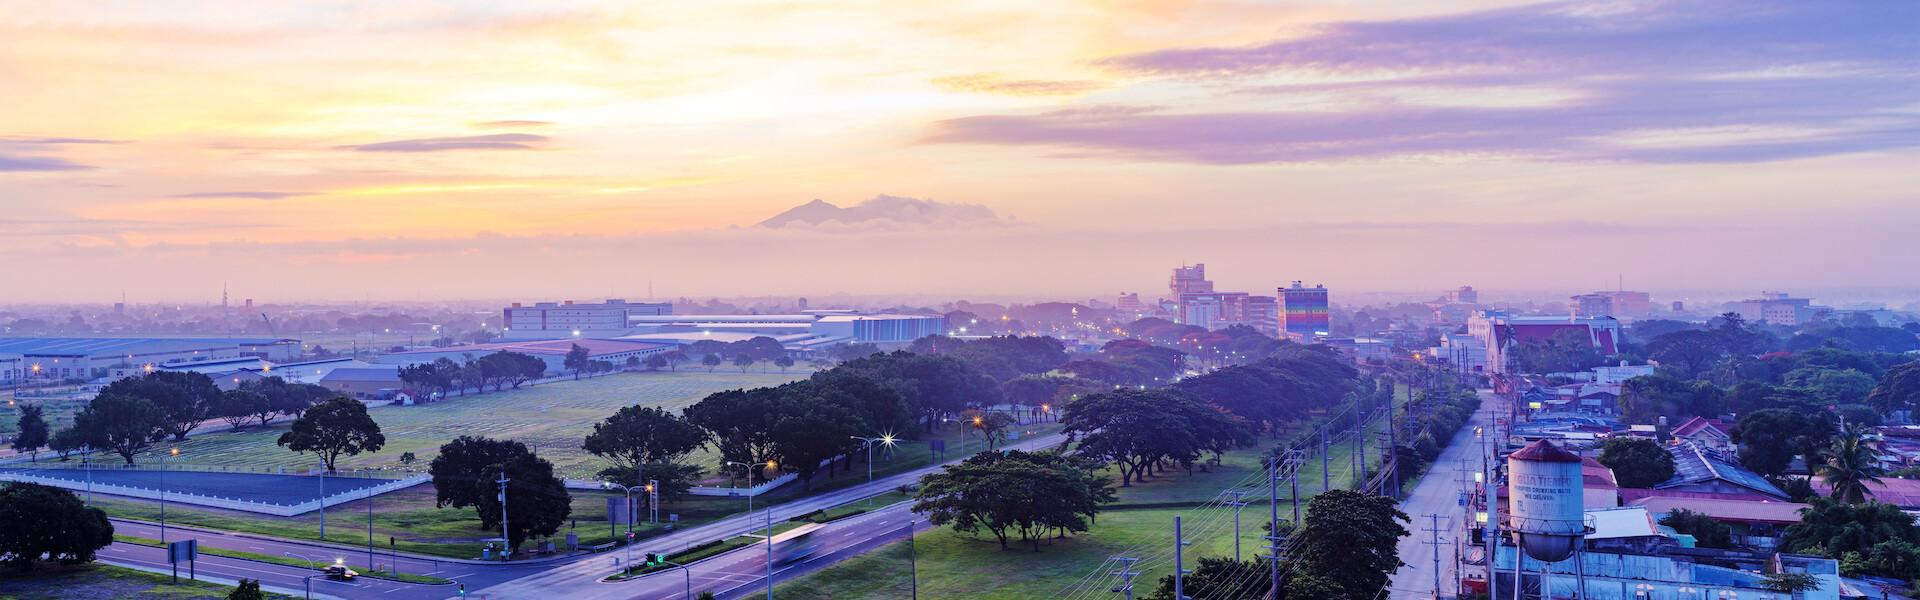 Flüge nach Angeles City Philippinen Clark Airport